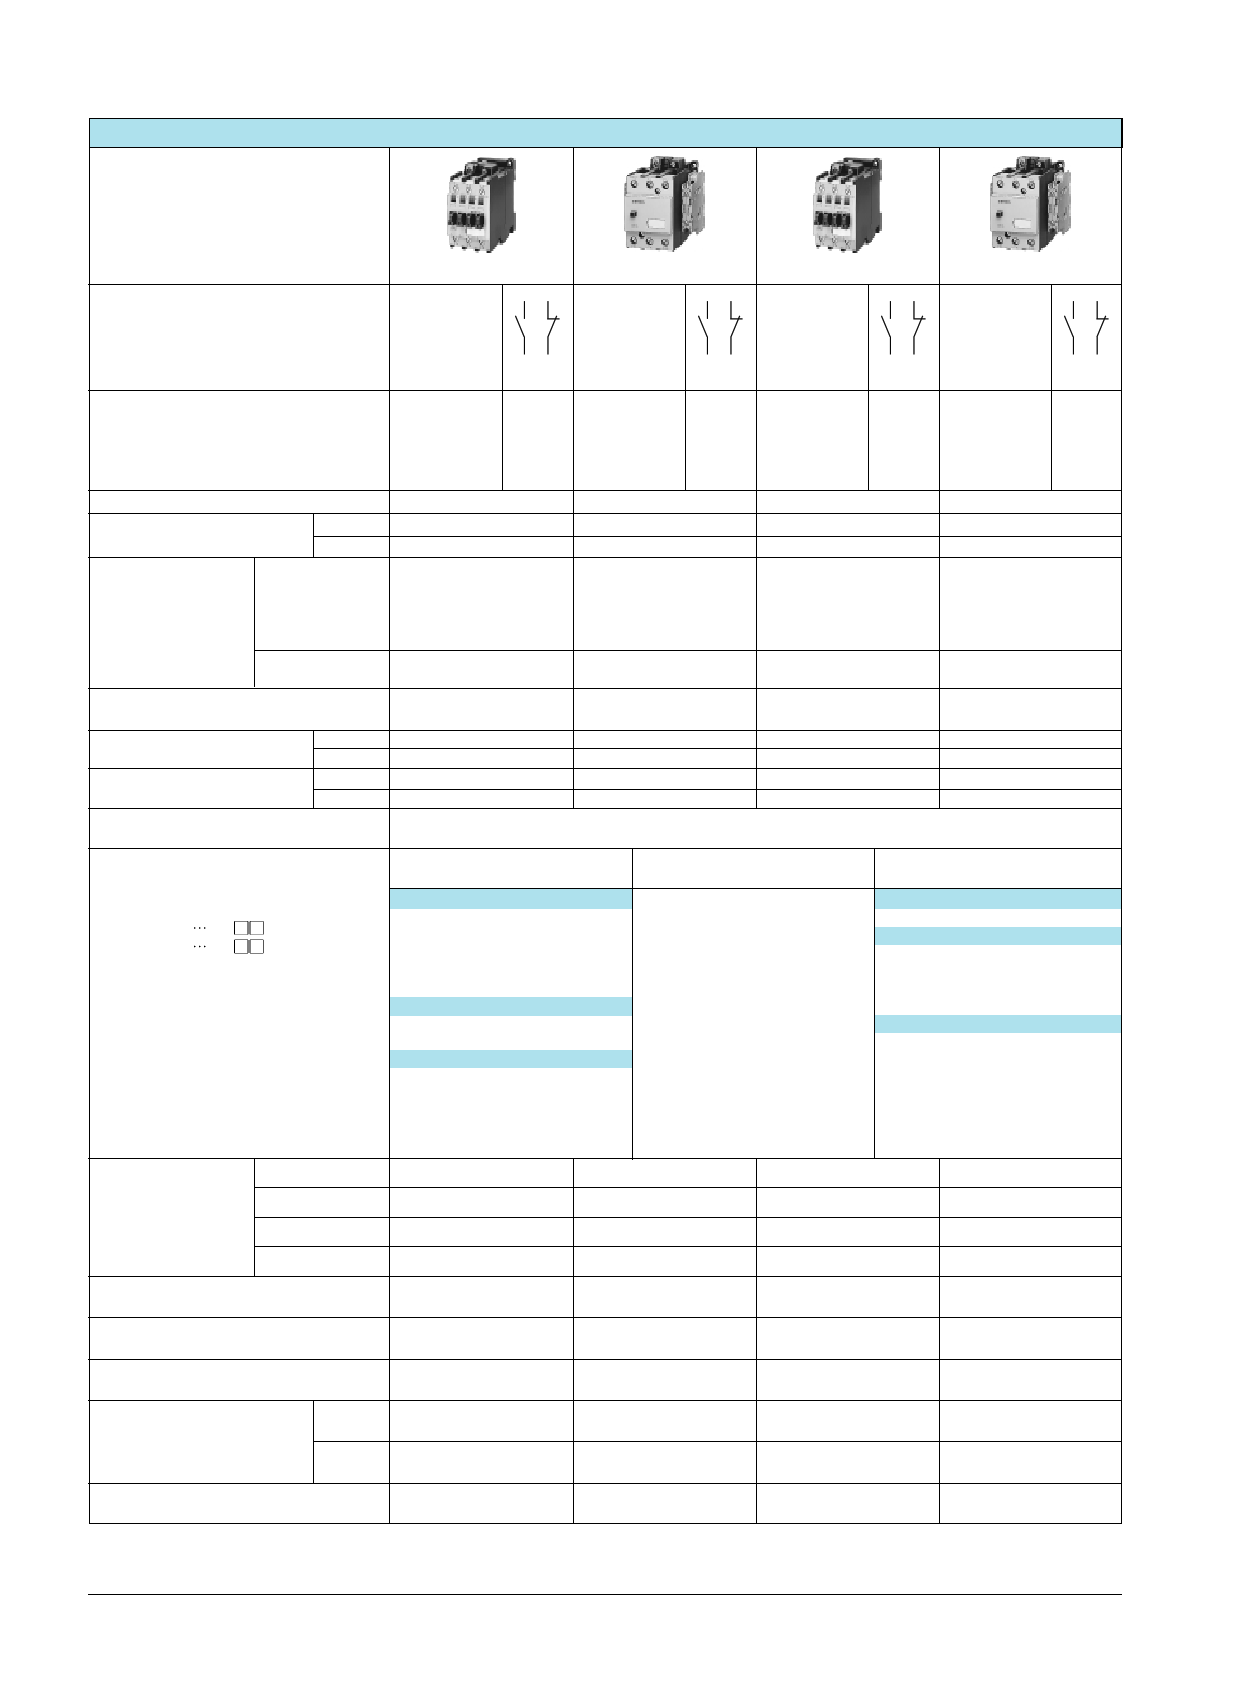 3TF40 pdf, ピン配列